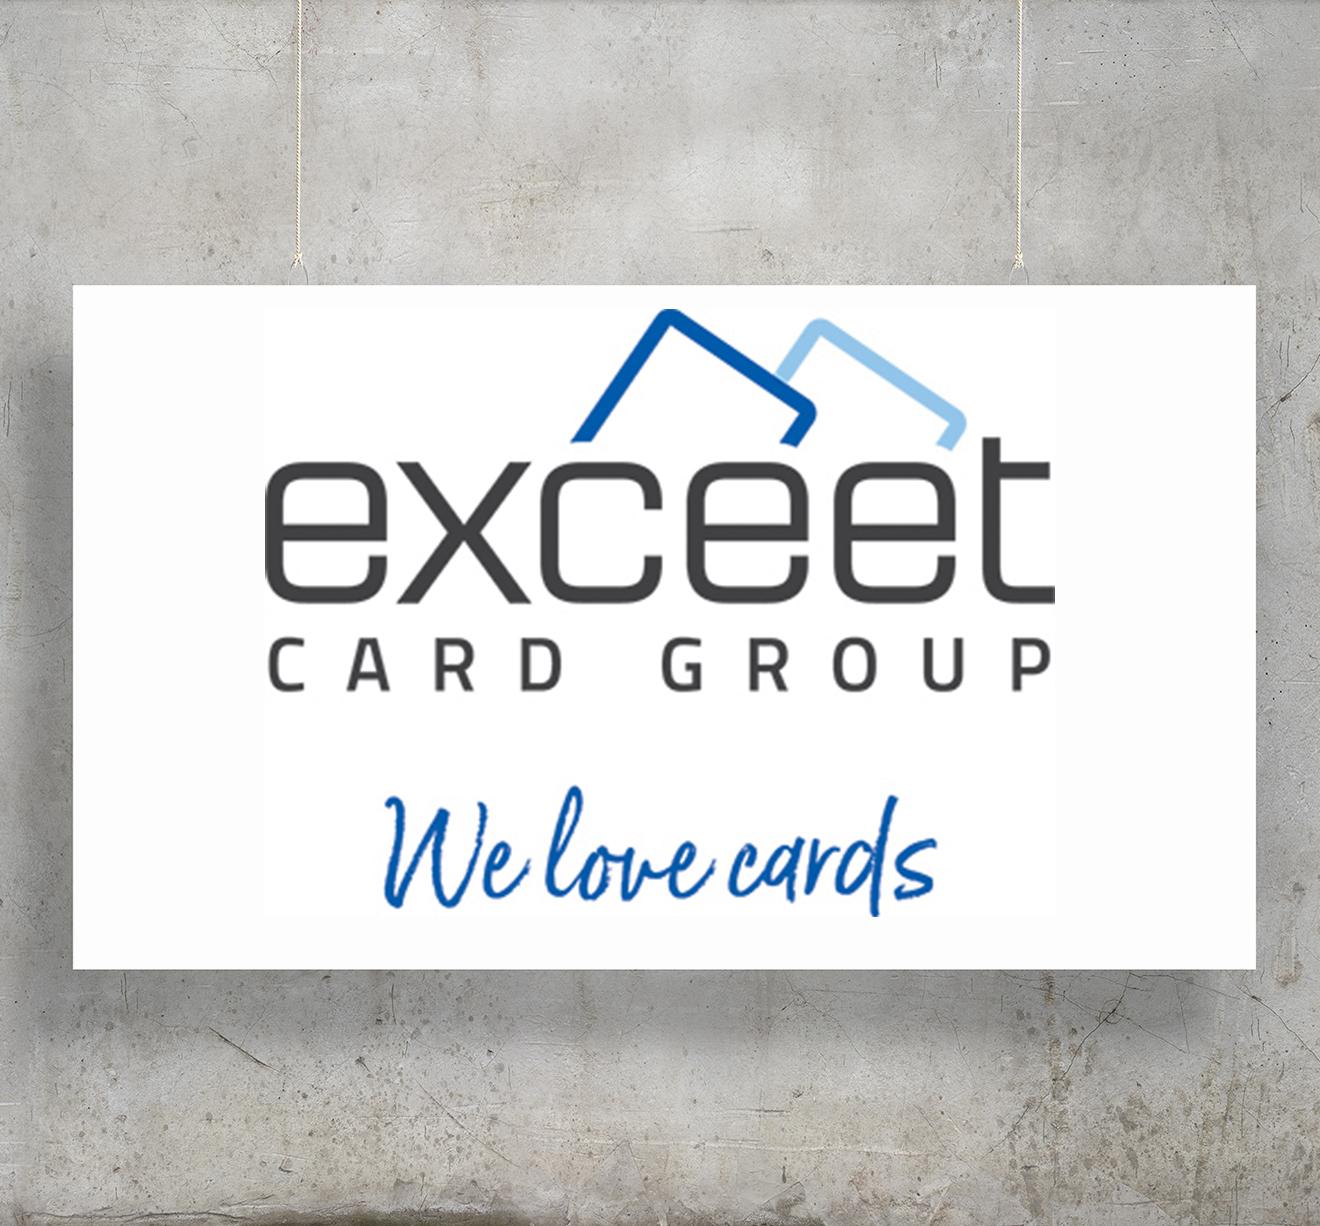 exceet Card Group